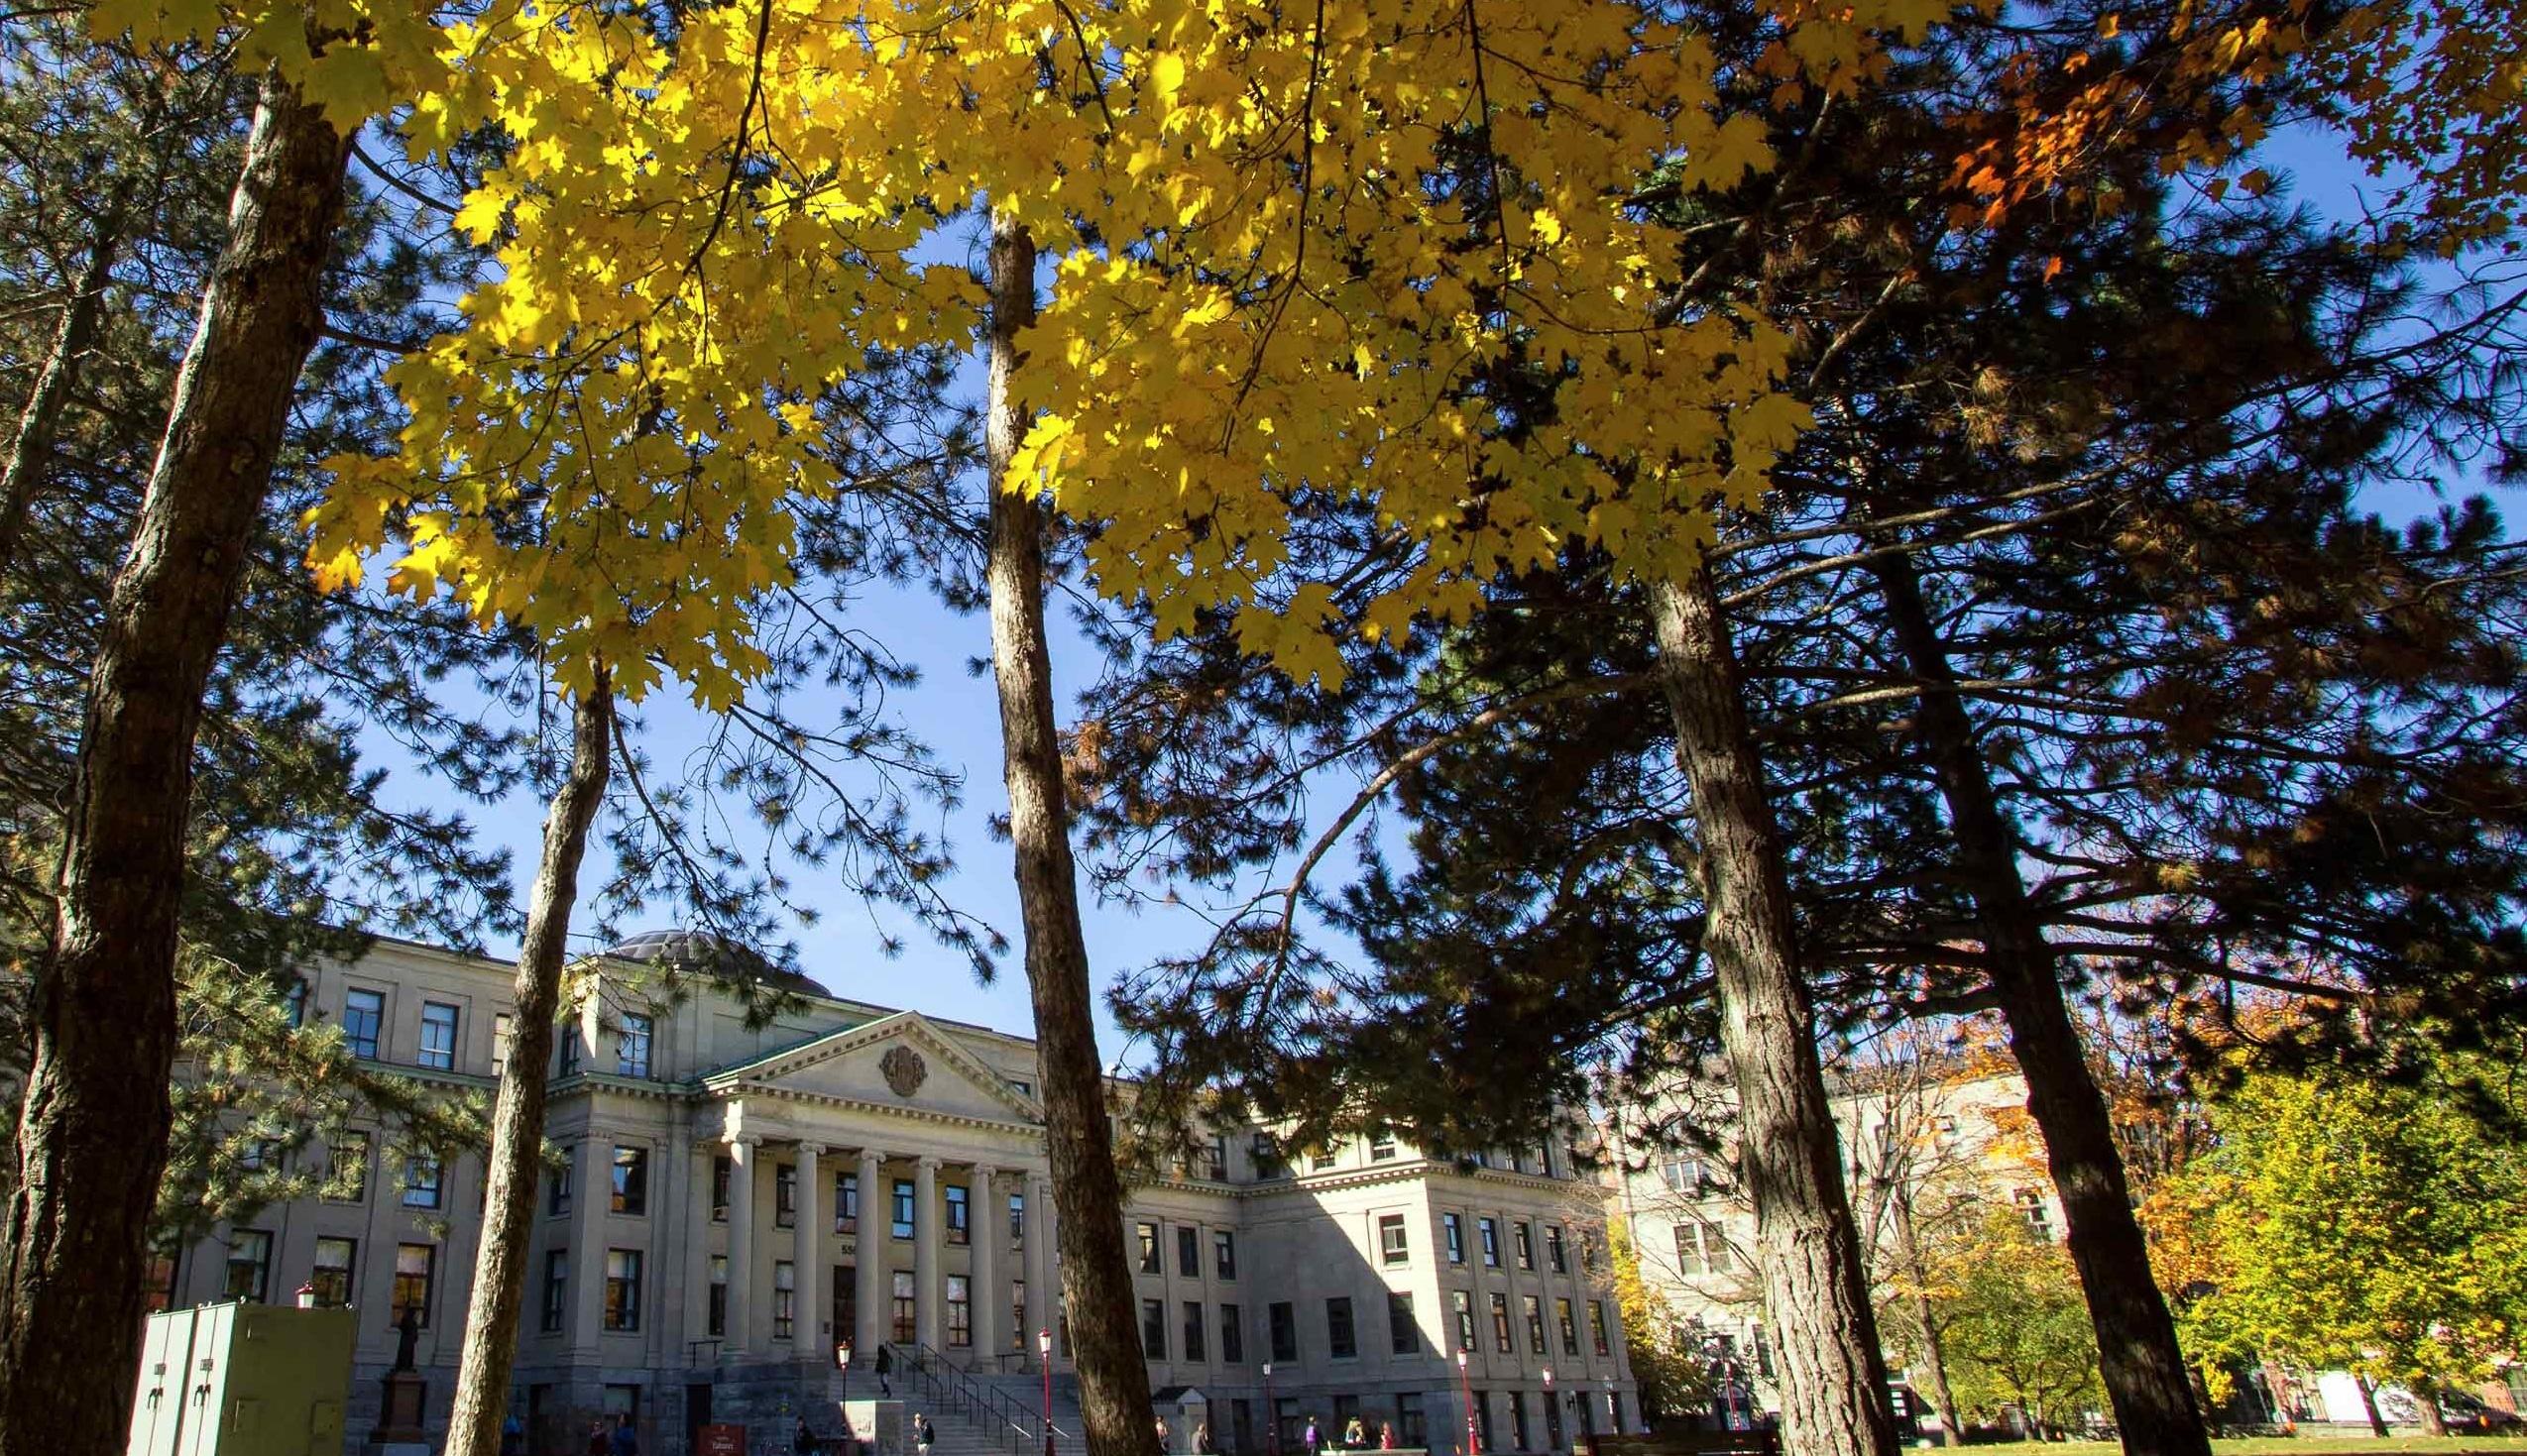 Pavillon Tabaret à automne, des arbres avec feuilles colorées en avant-plan